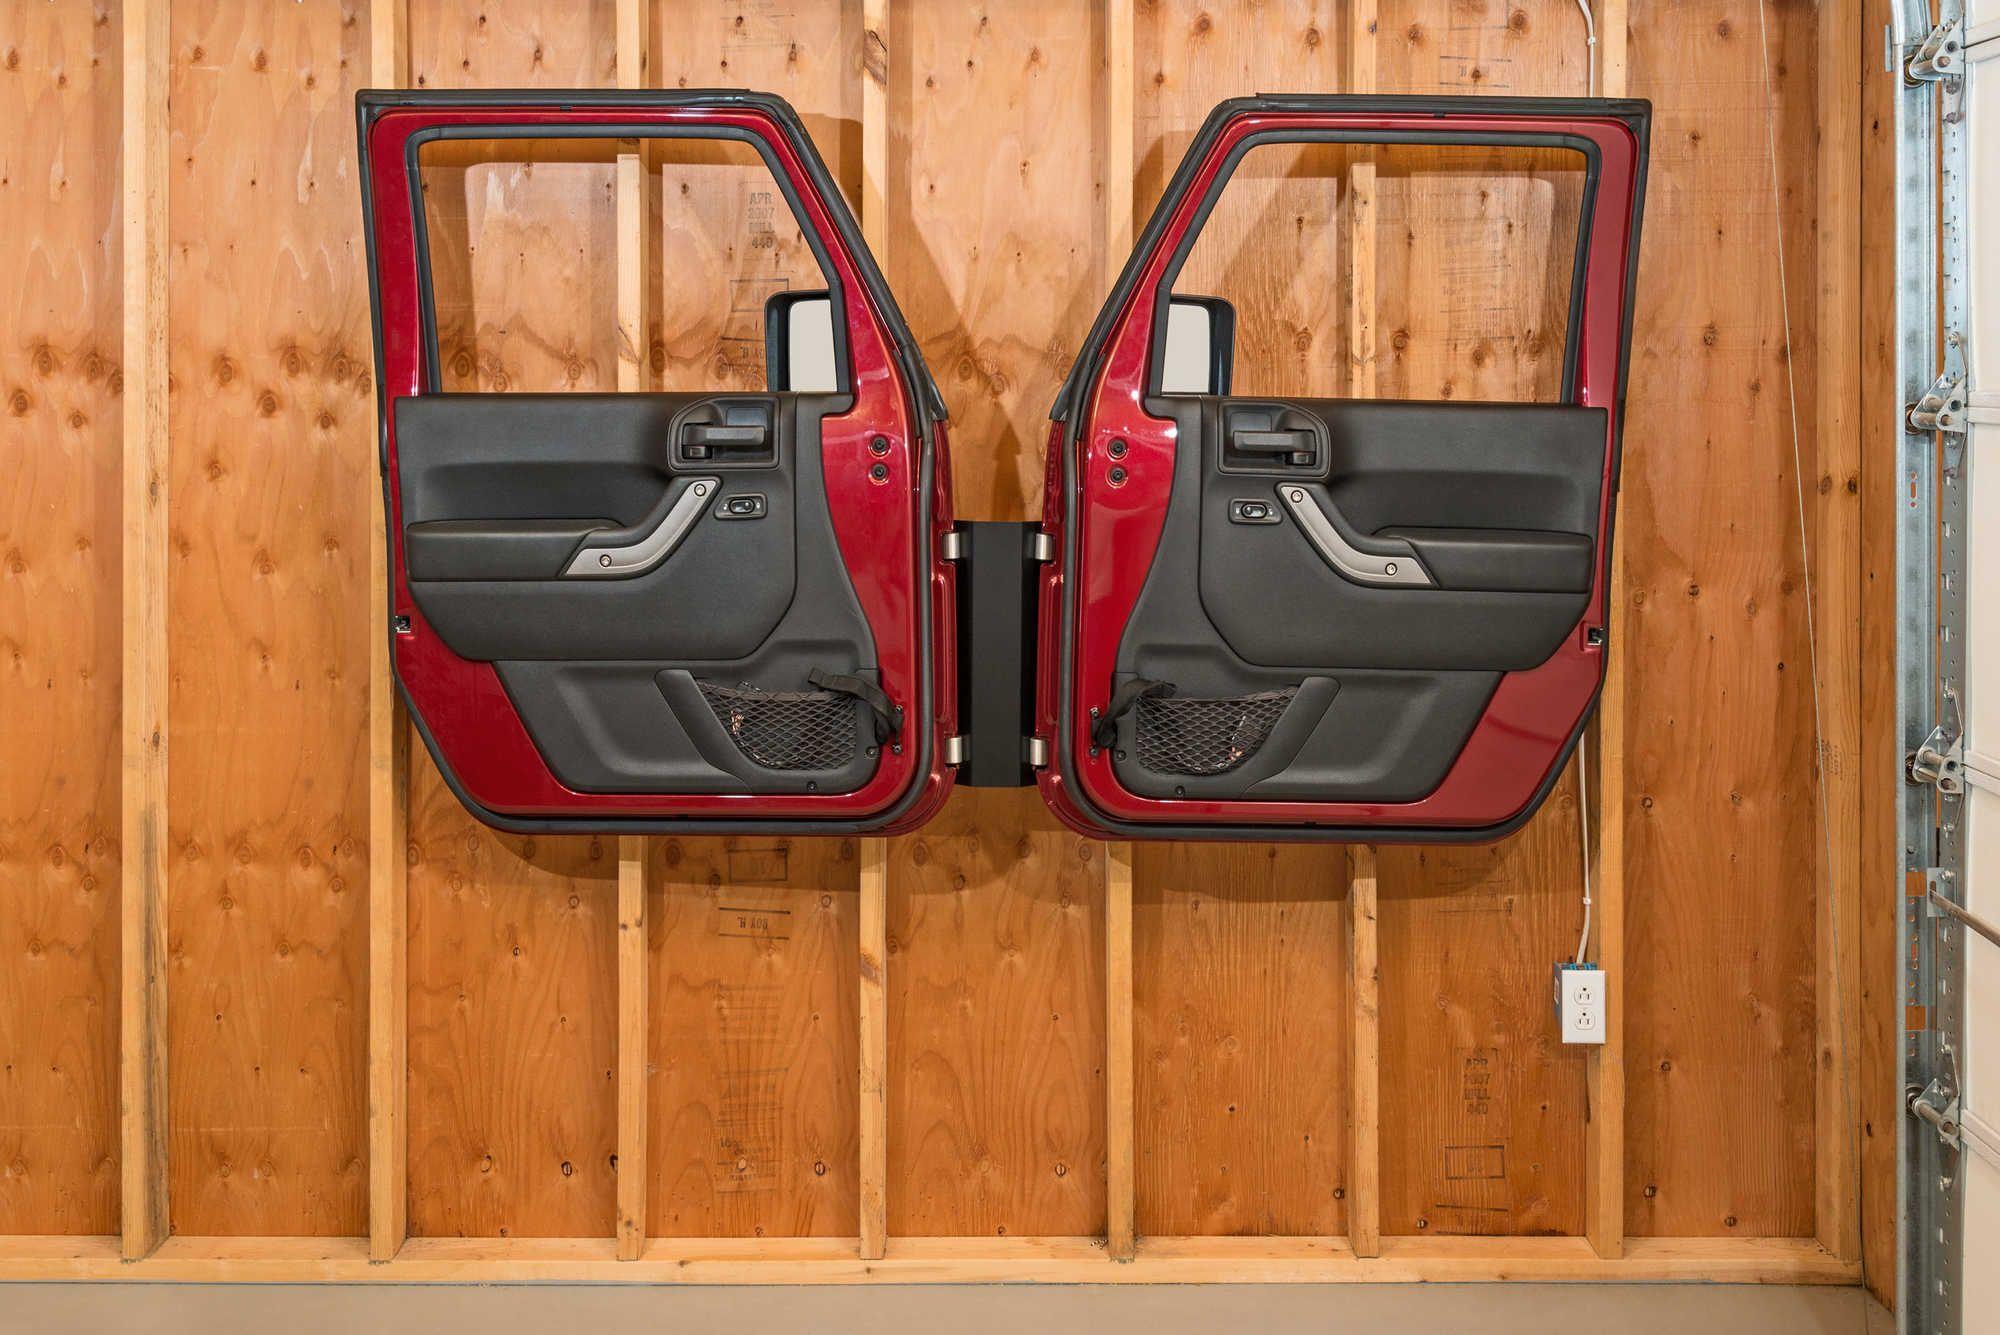 Door Storage Hanger For 76 20 Jeep Wrangler Jl Jk Tj Yj Cj 7 Jeep Doors Door Storage Jeep